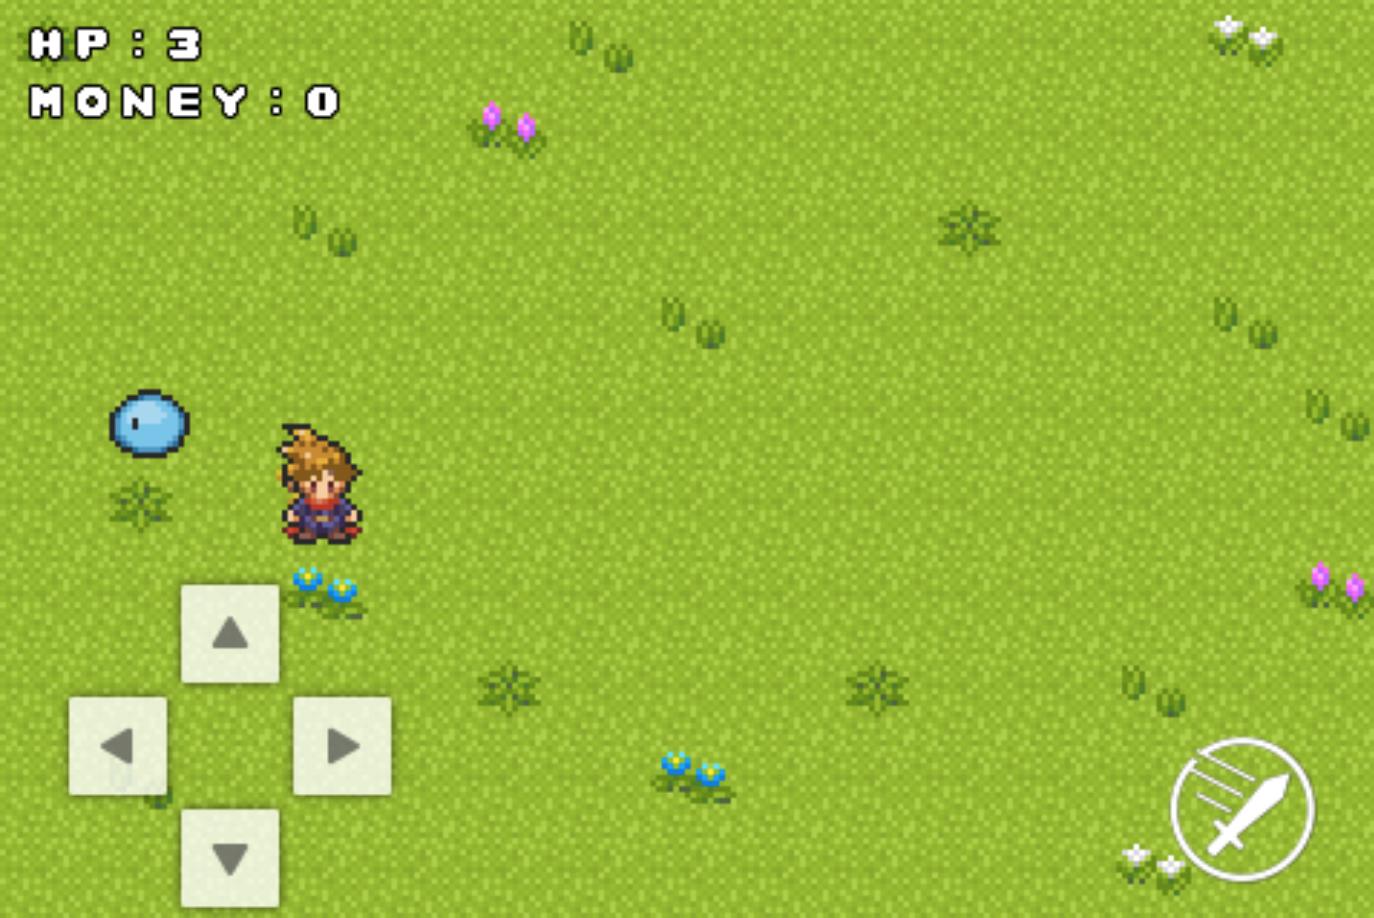 スライムが追加されたゲーム画面